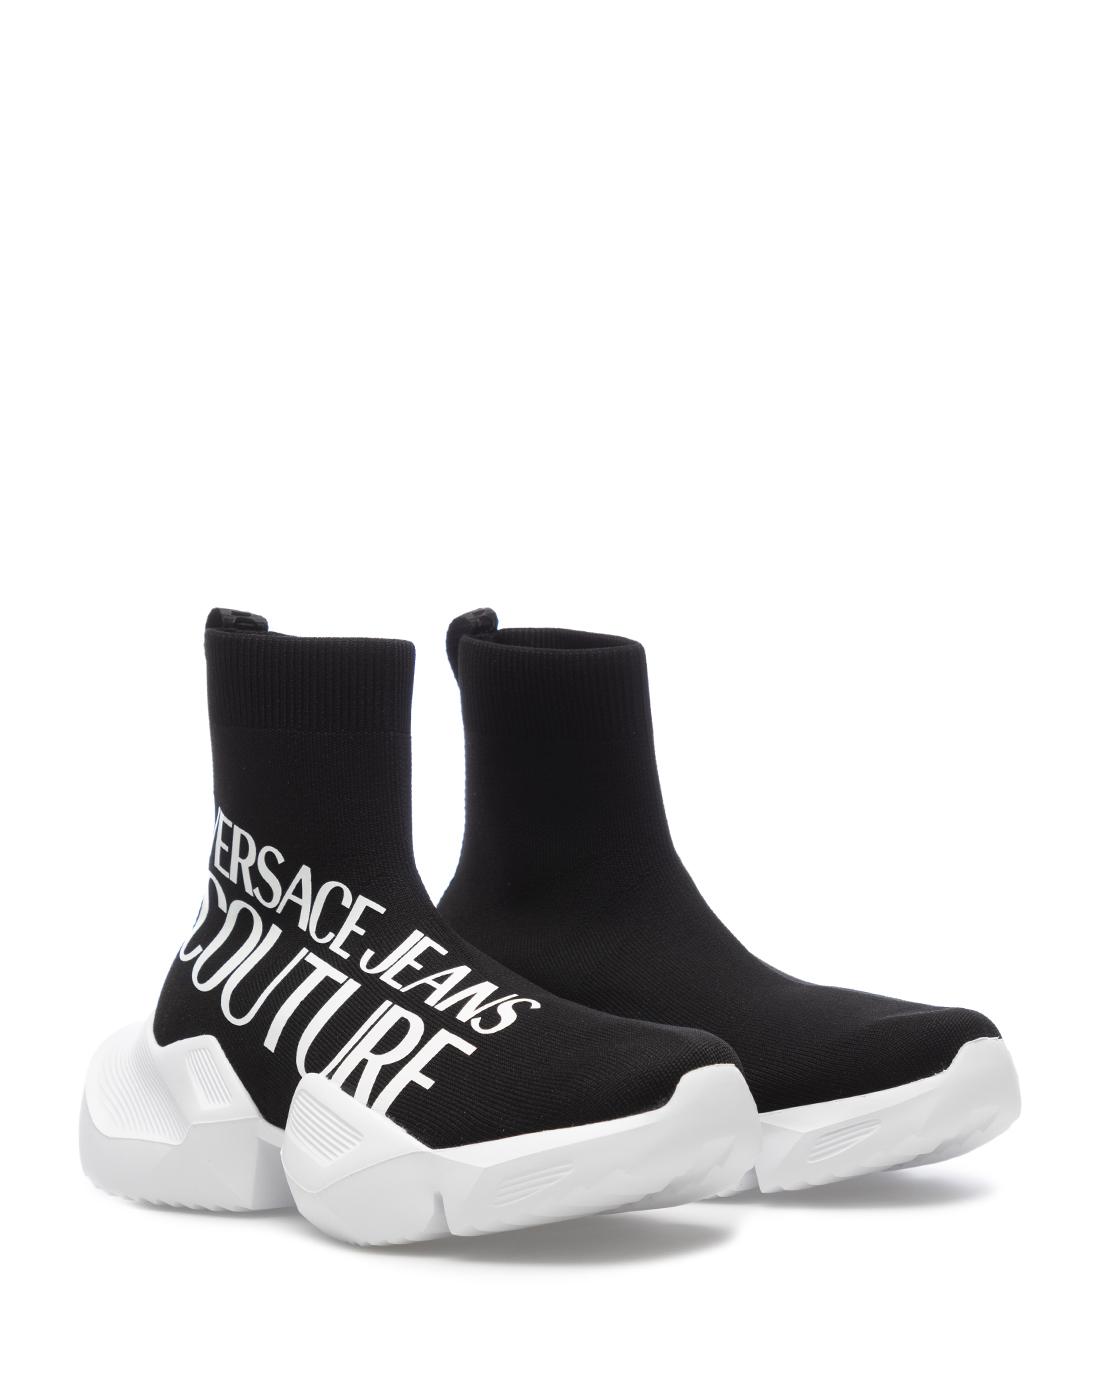 Sneakers Hommes VERSACE JEANS COUTURE E0YZASU3 71624 M60 Synthétique Noir